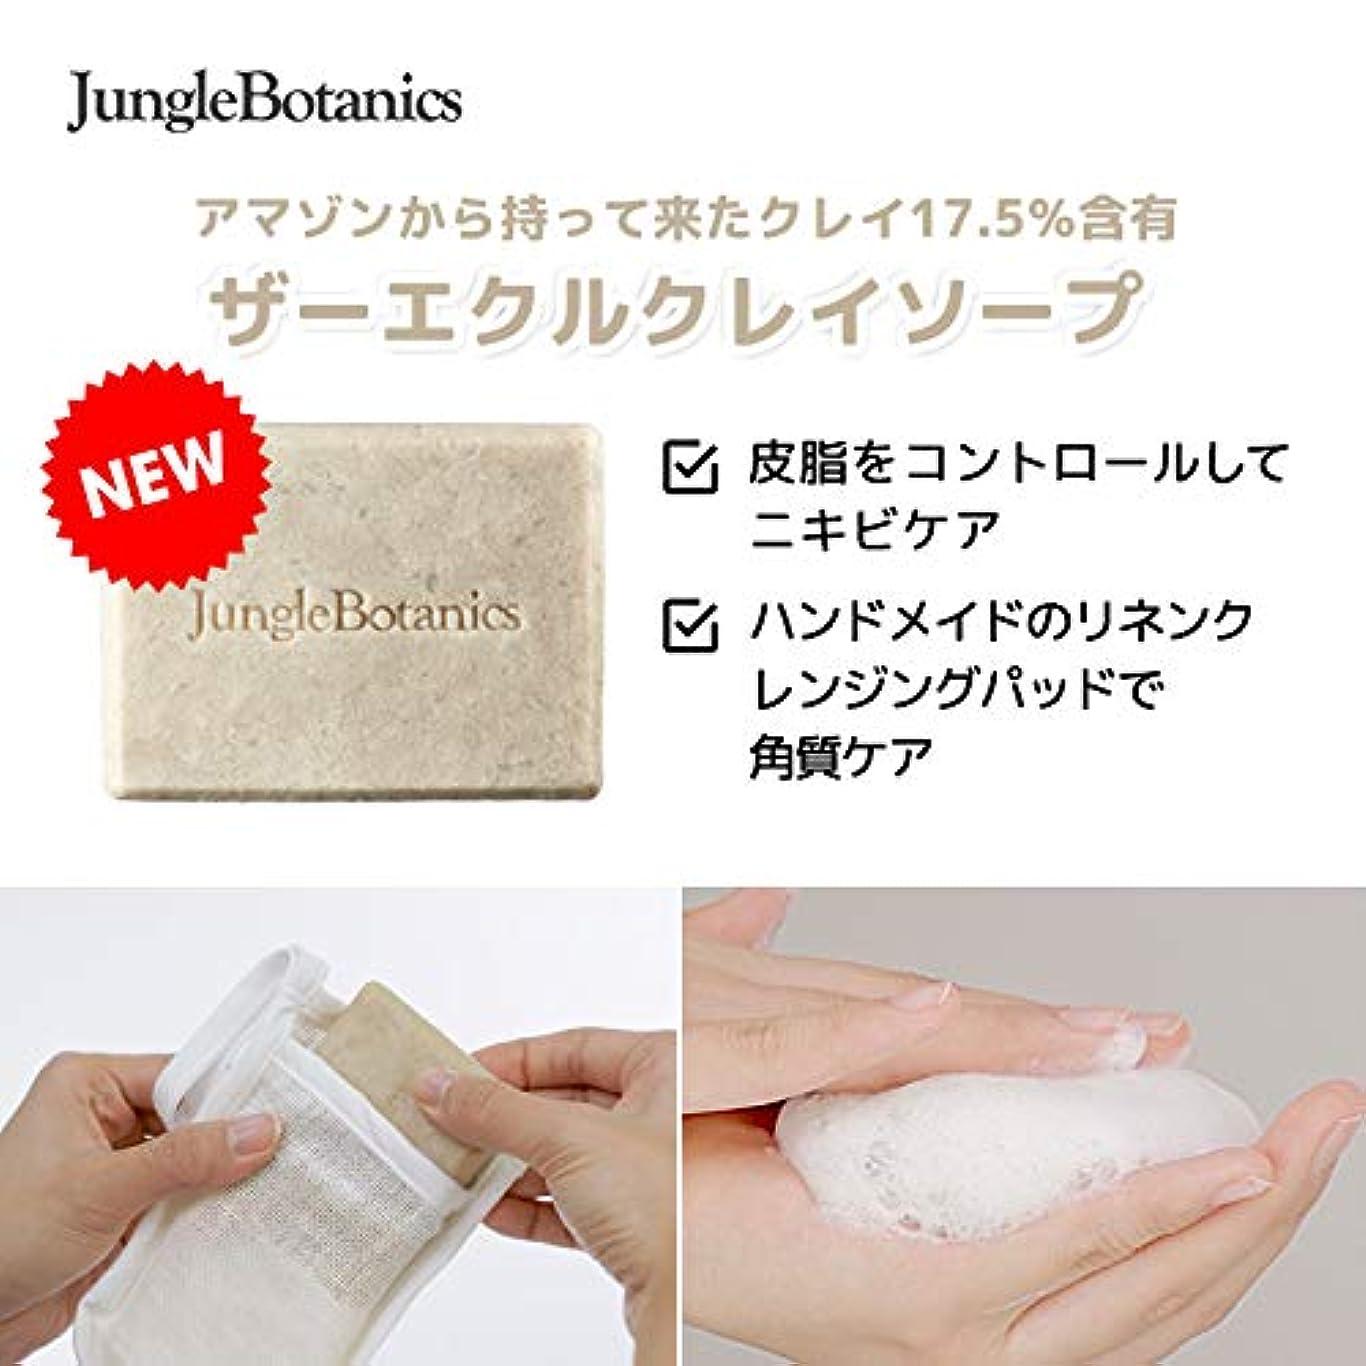 嵐の音声学フルート[JUNGLE BOTANICS] ザーエクルクレイソープ110g, [JUNGLE BOTANICS] The Ecru Clay Soap 110g [並行輸入品] …